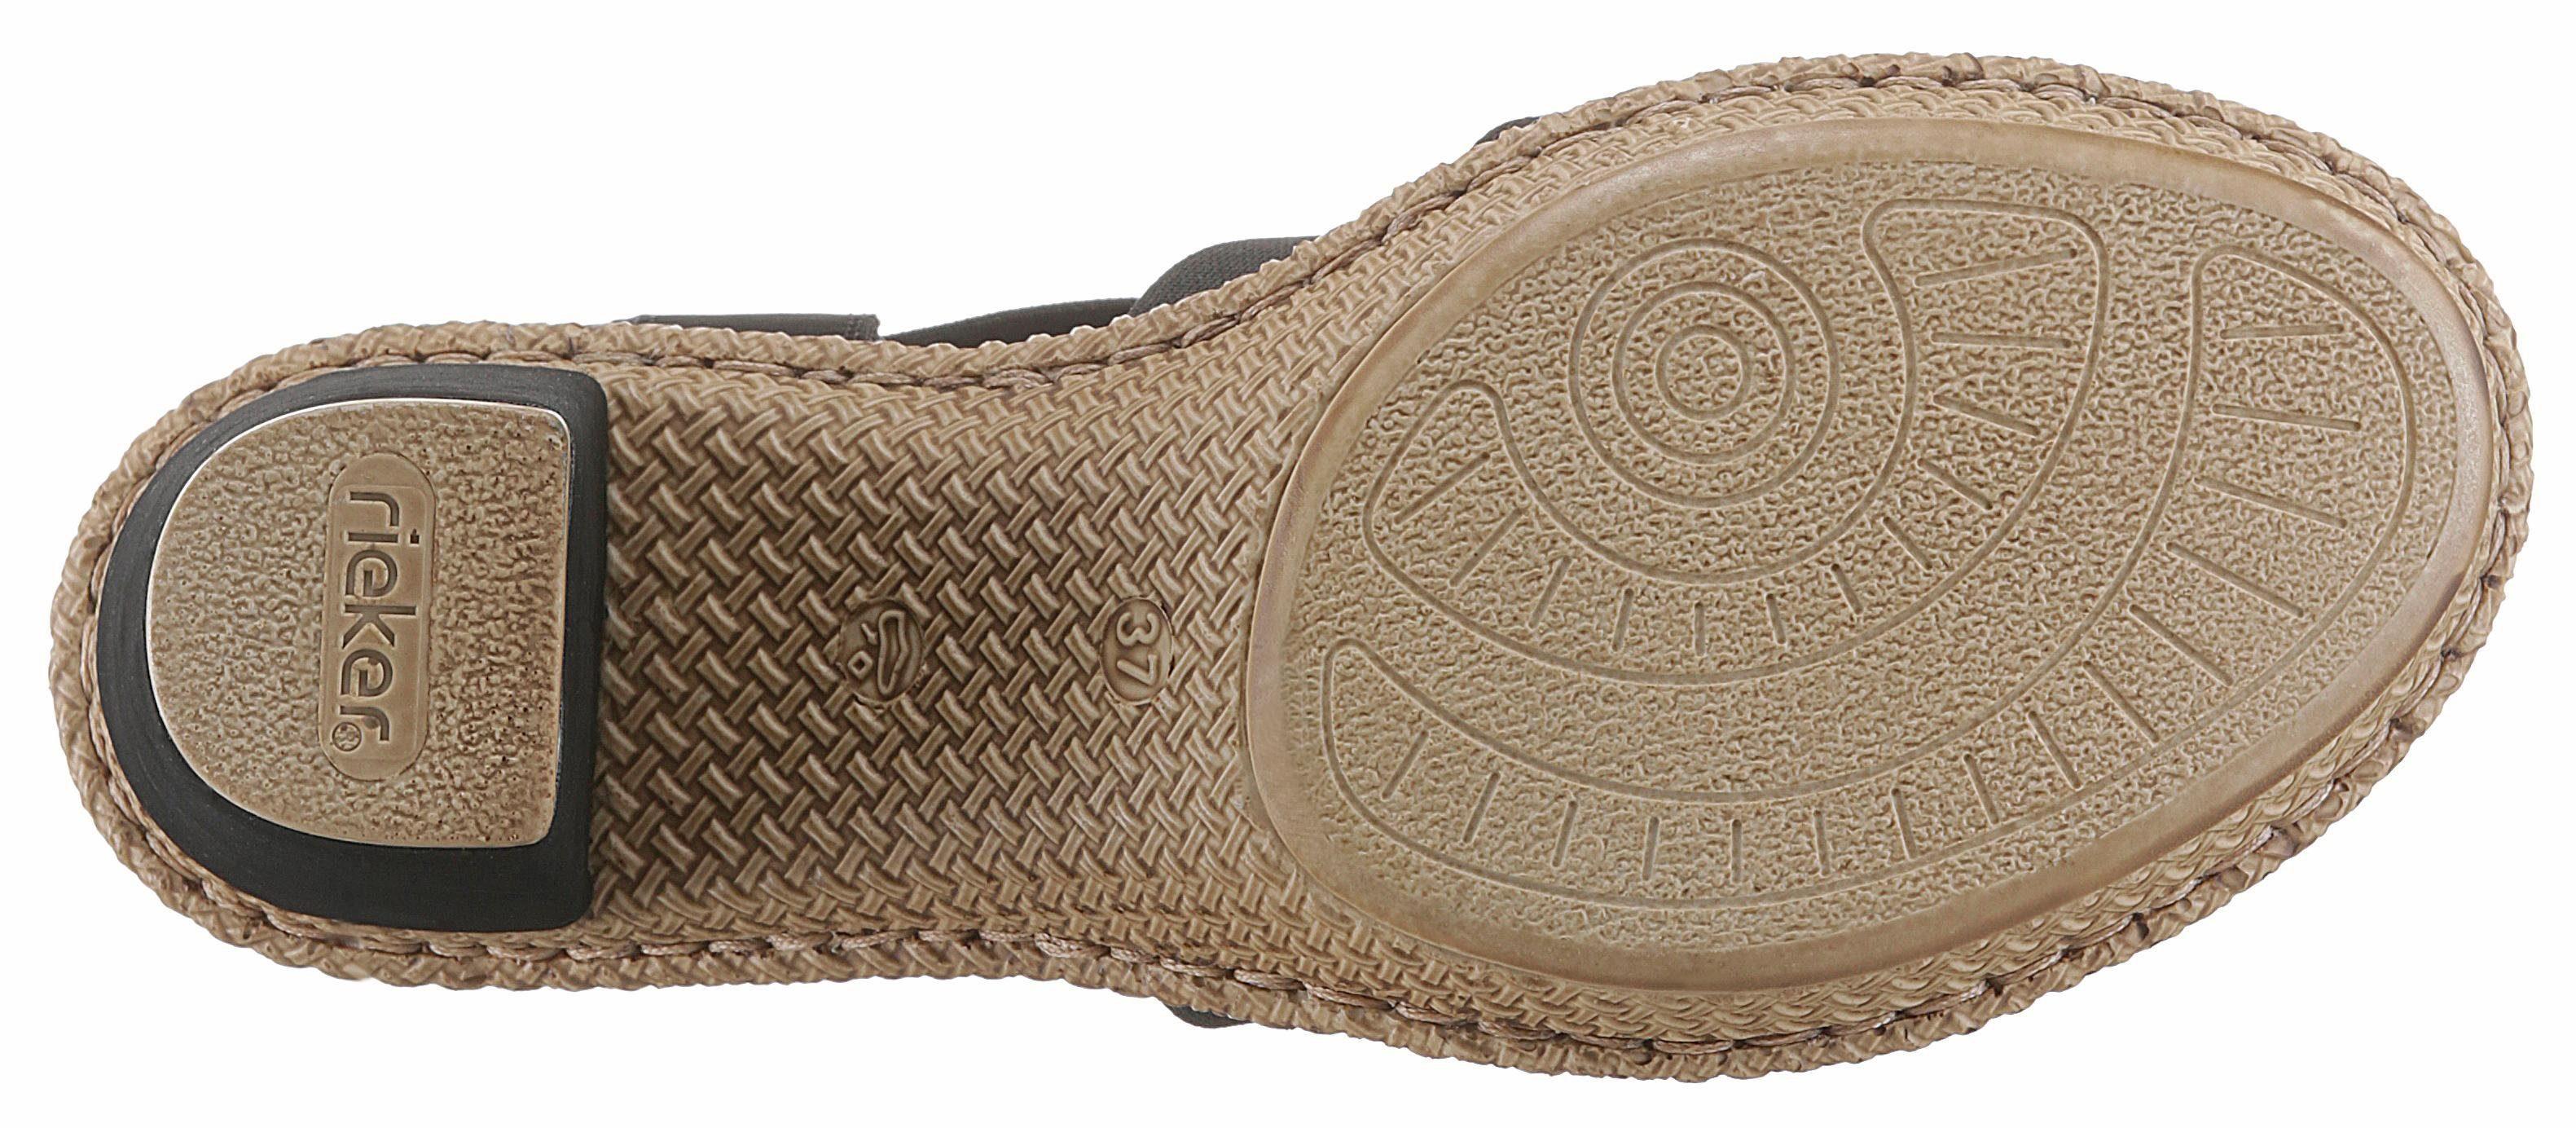 Rieker Strass Verziert Sandalette Mit steinchen 7xwc071Crq